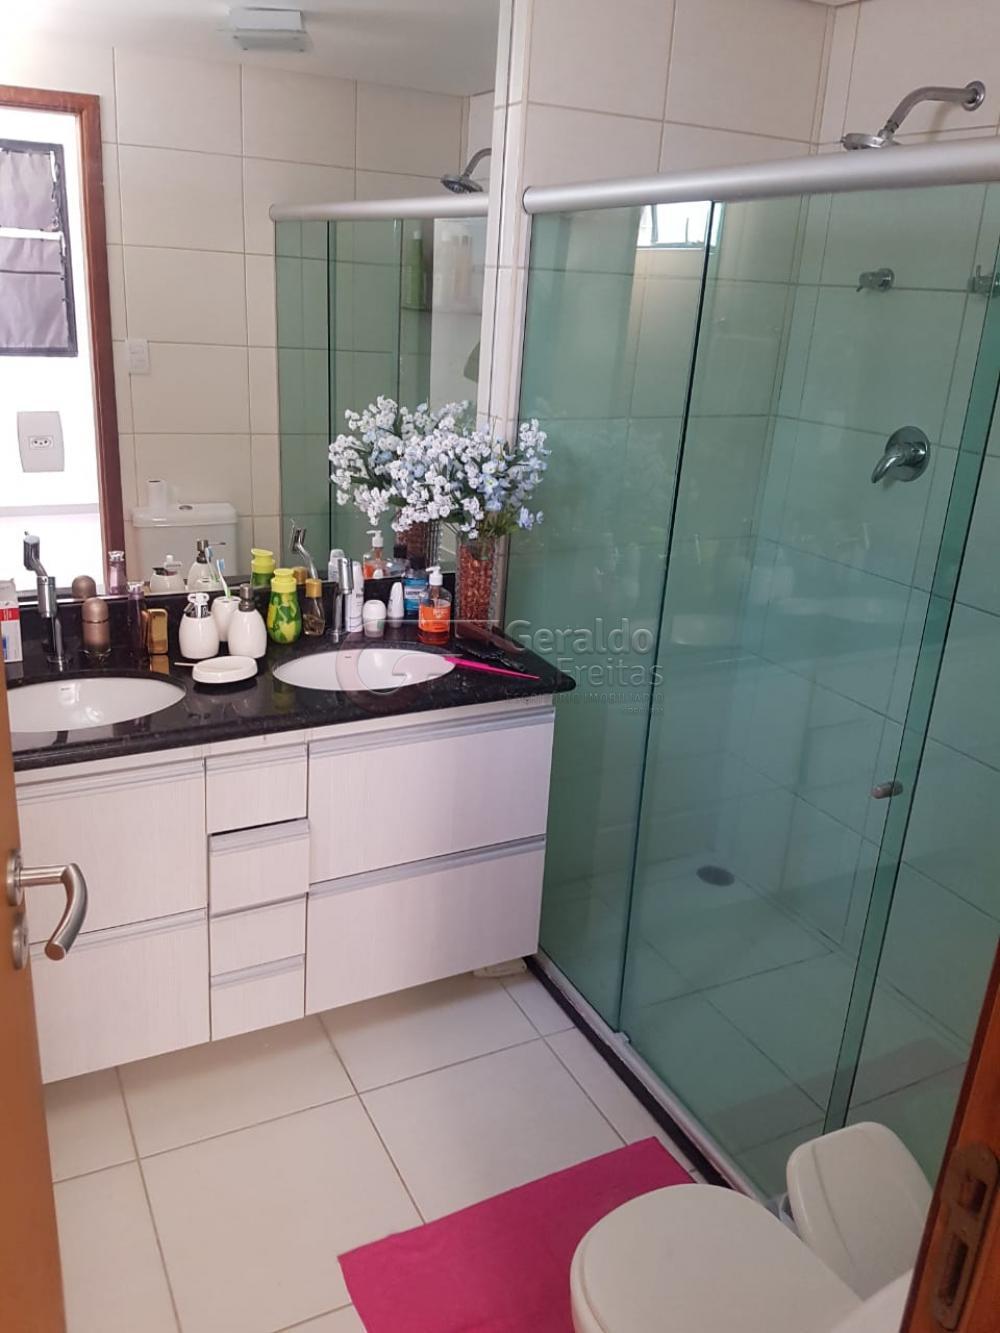 Comprar Apartamentos / Padrão em Maceió R$ 880.000,00 - Foto 10